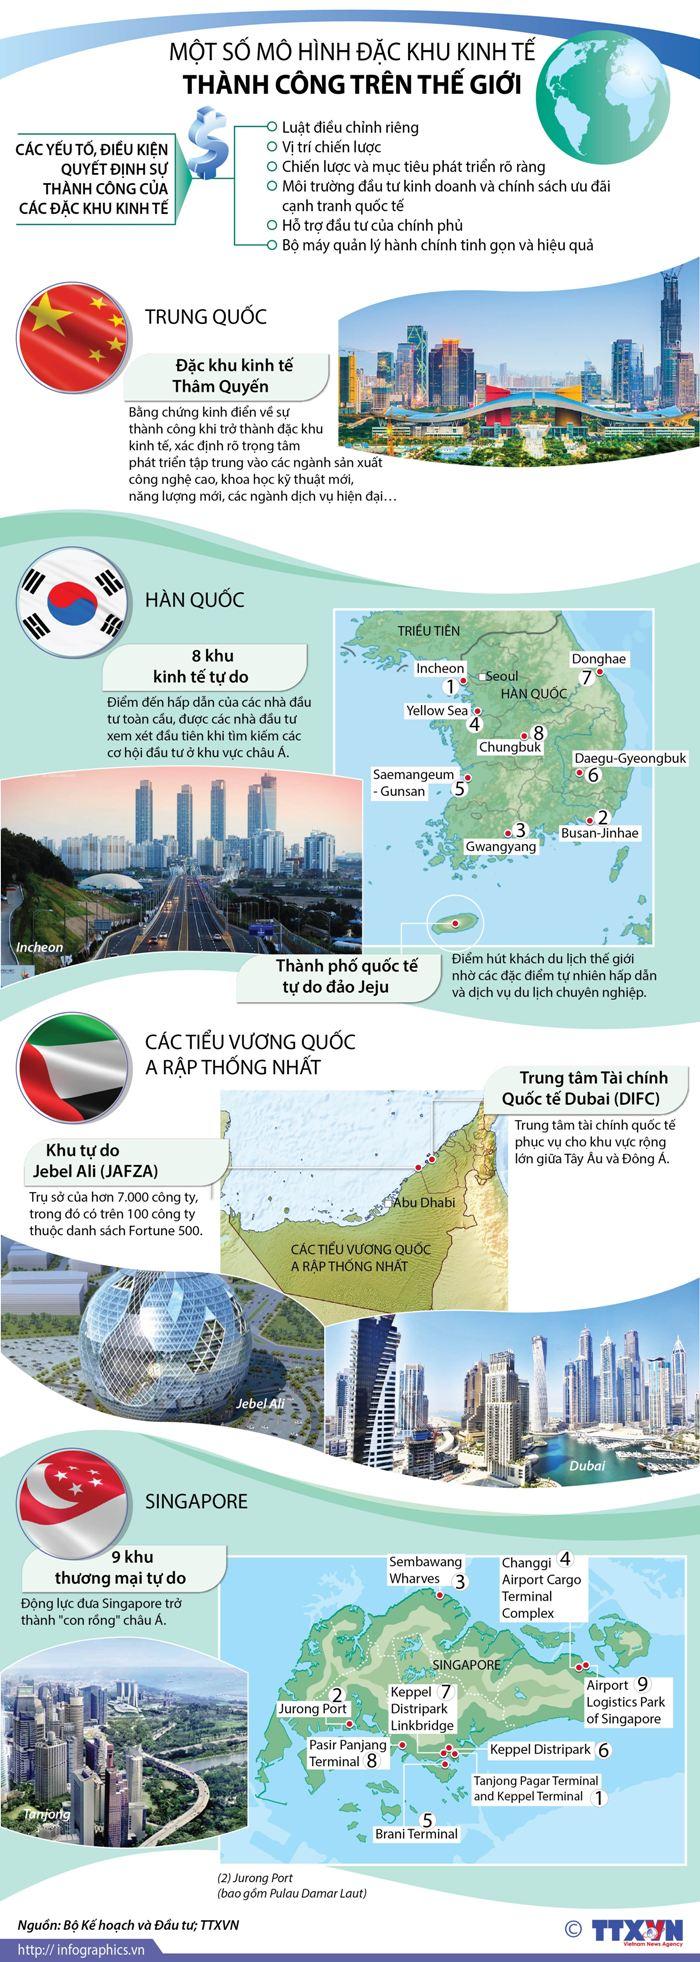 Đặc khu kinh tế là gì? Tại Việt Nam và các nước trên thế giới ra sao?